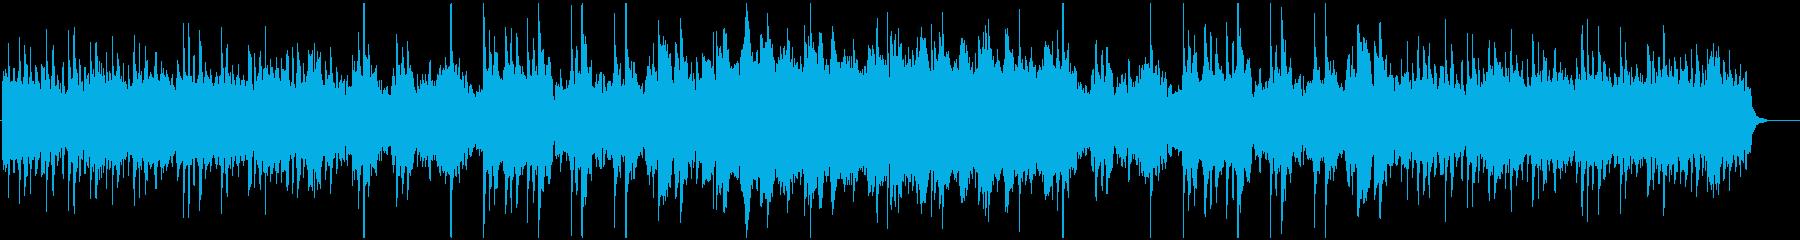 ハロウィン、ホラー、不気味な映画的BGMの再生済みの波形